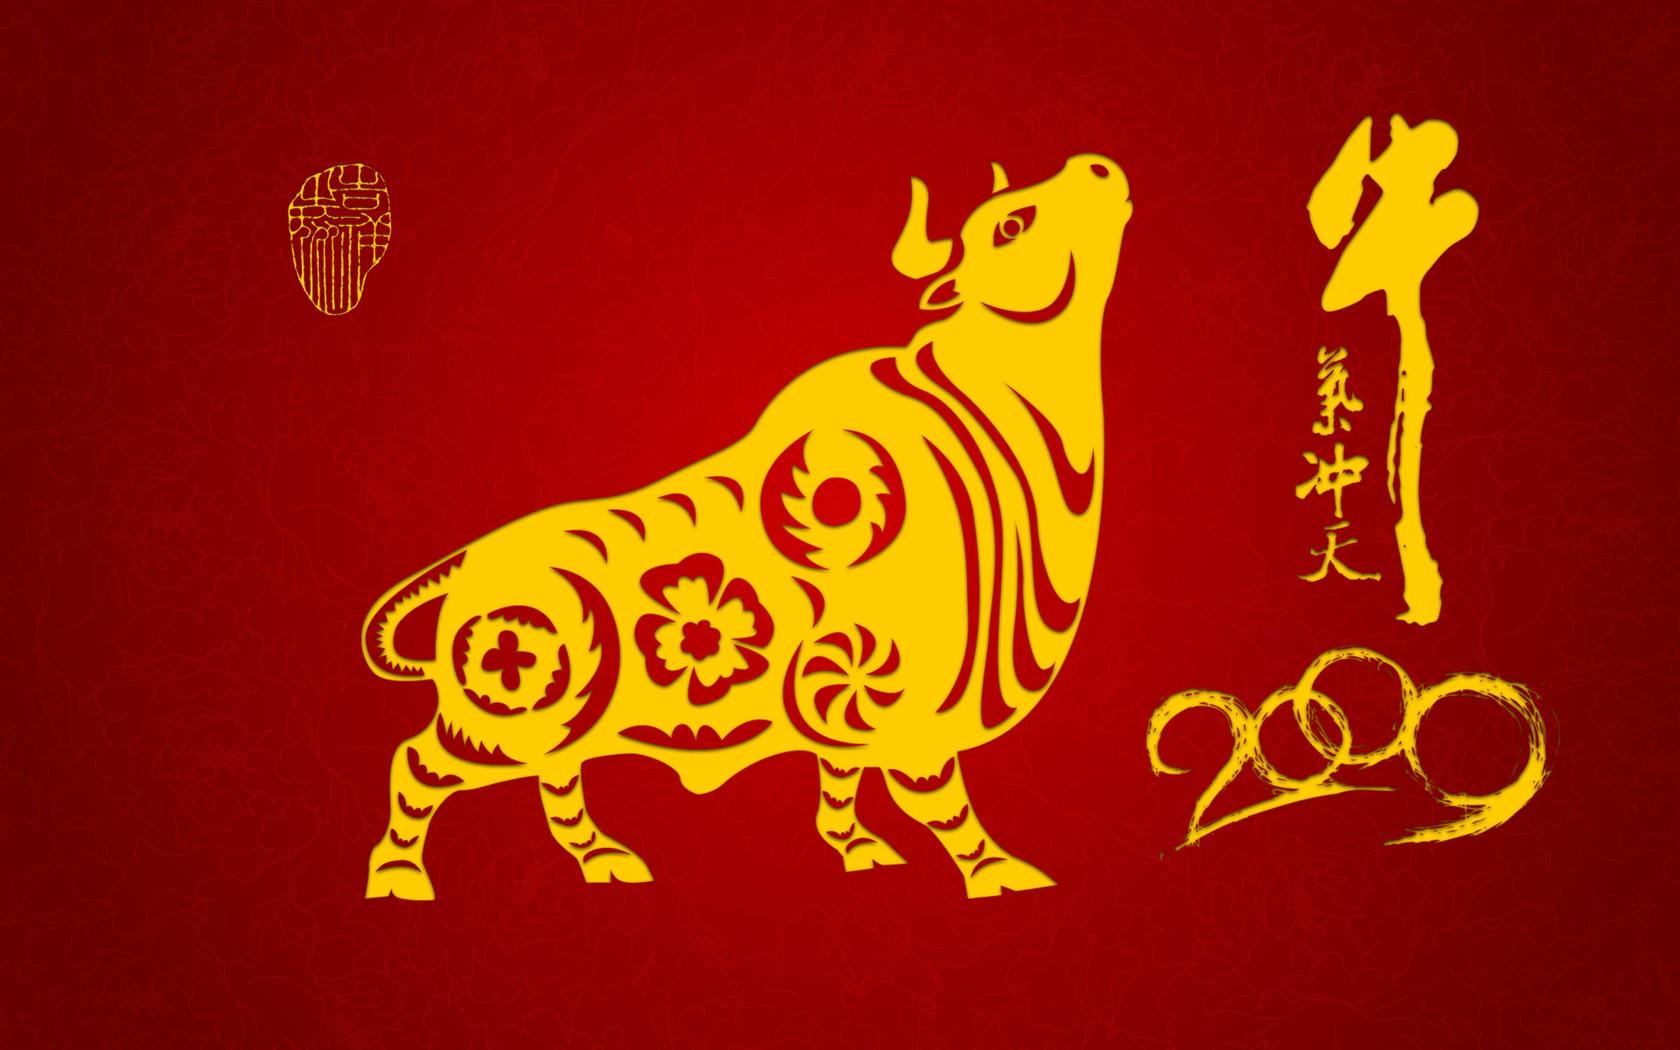 牛气冲天新年壁纸1 - 1680x1050图片